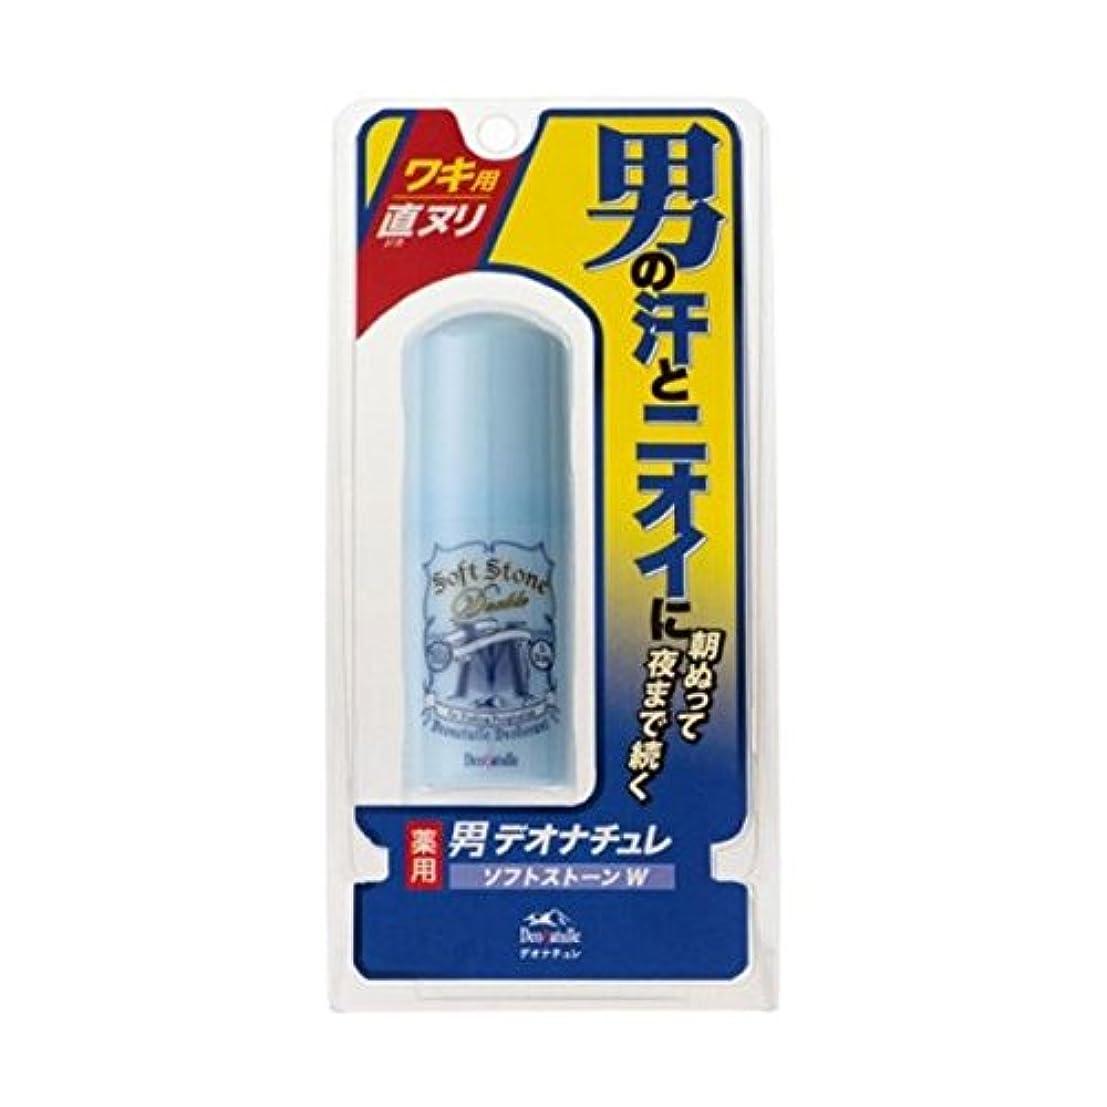 真空週間バスタブデオナチュレ 男ソフトストーン20Gx3個セット (4971825011747)